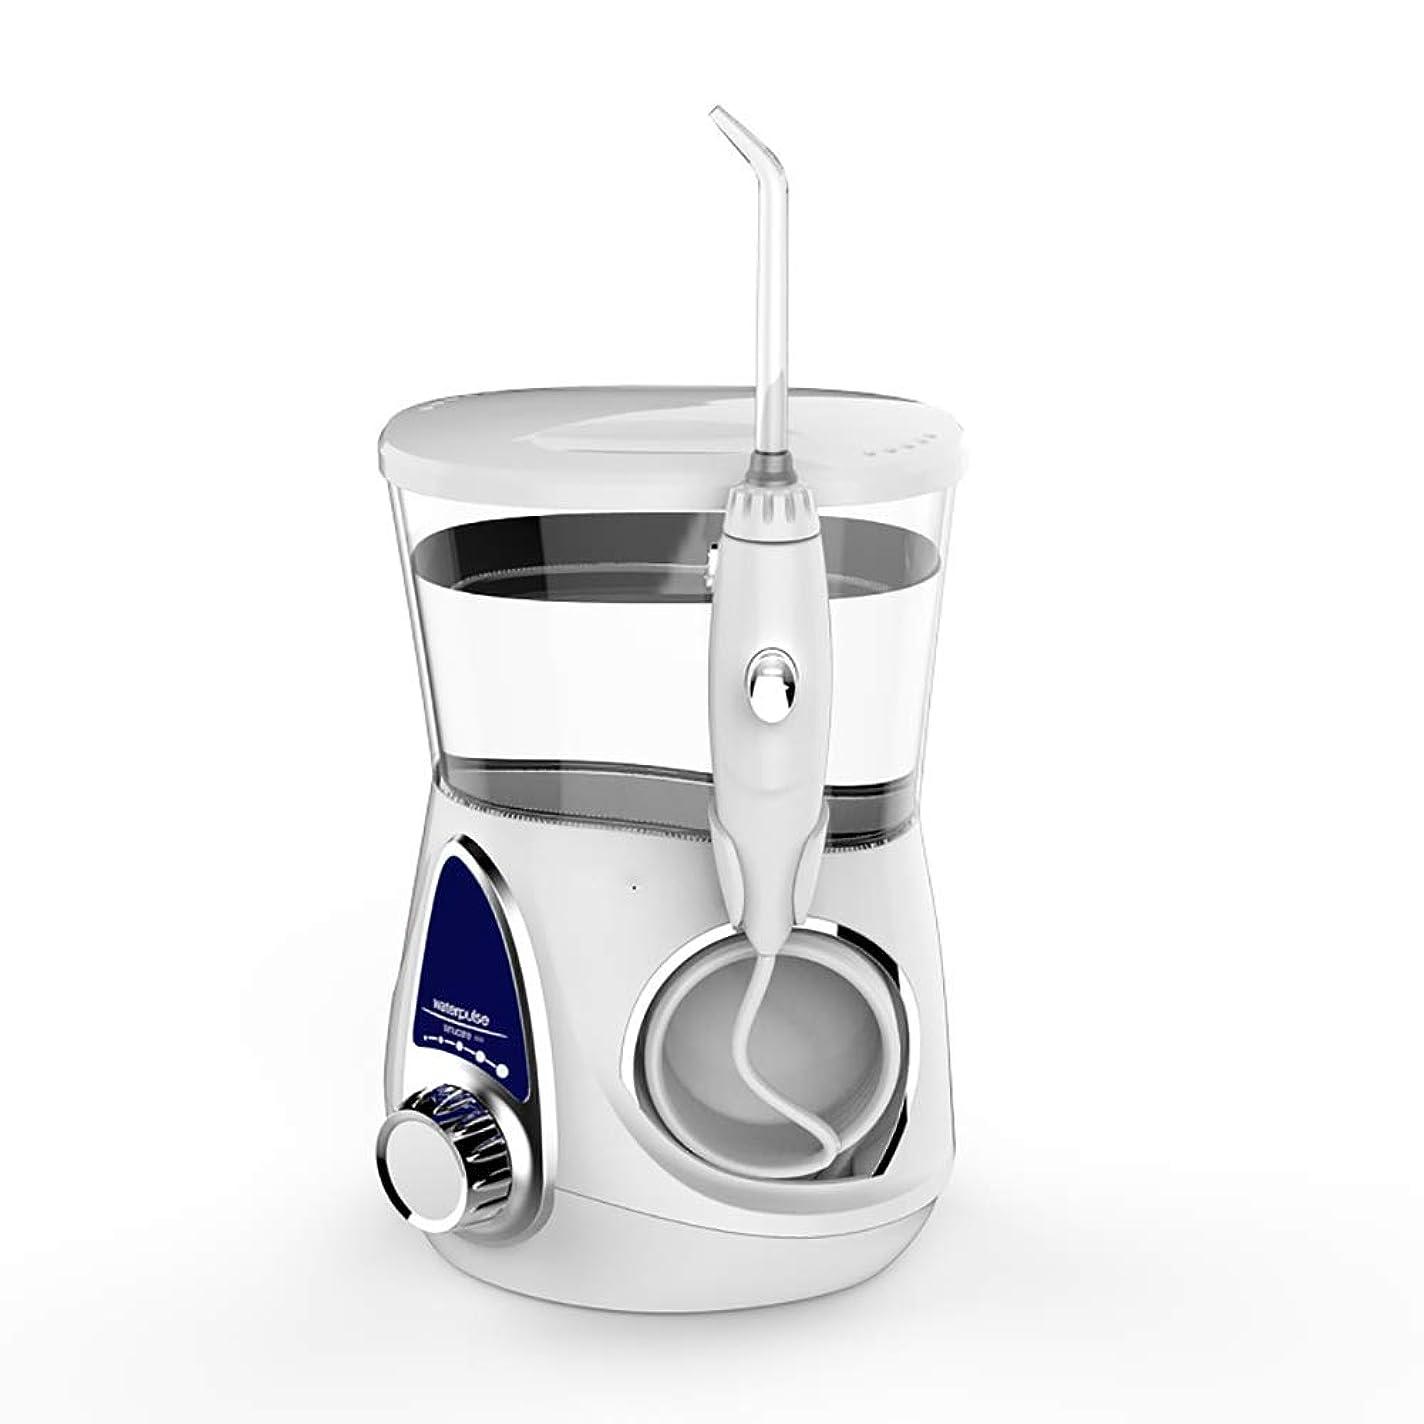 惨めな争い楽観自動理性的な口腔のきれいな歯を白くする歯の洗剤のジェット機の世帯の携帯用